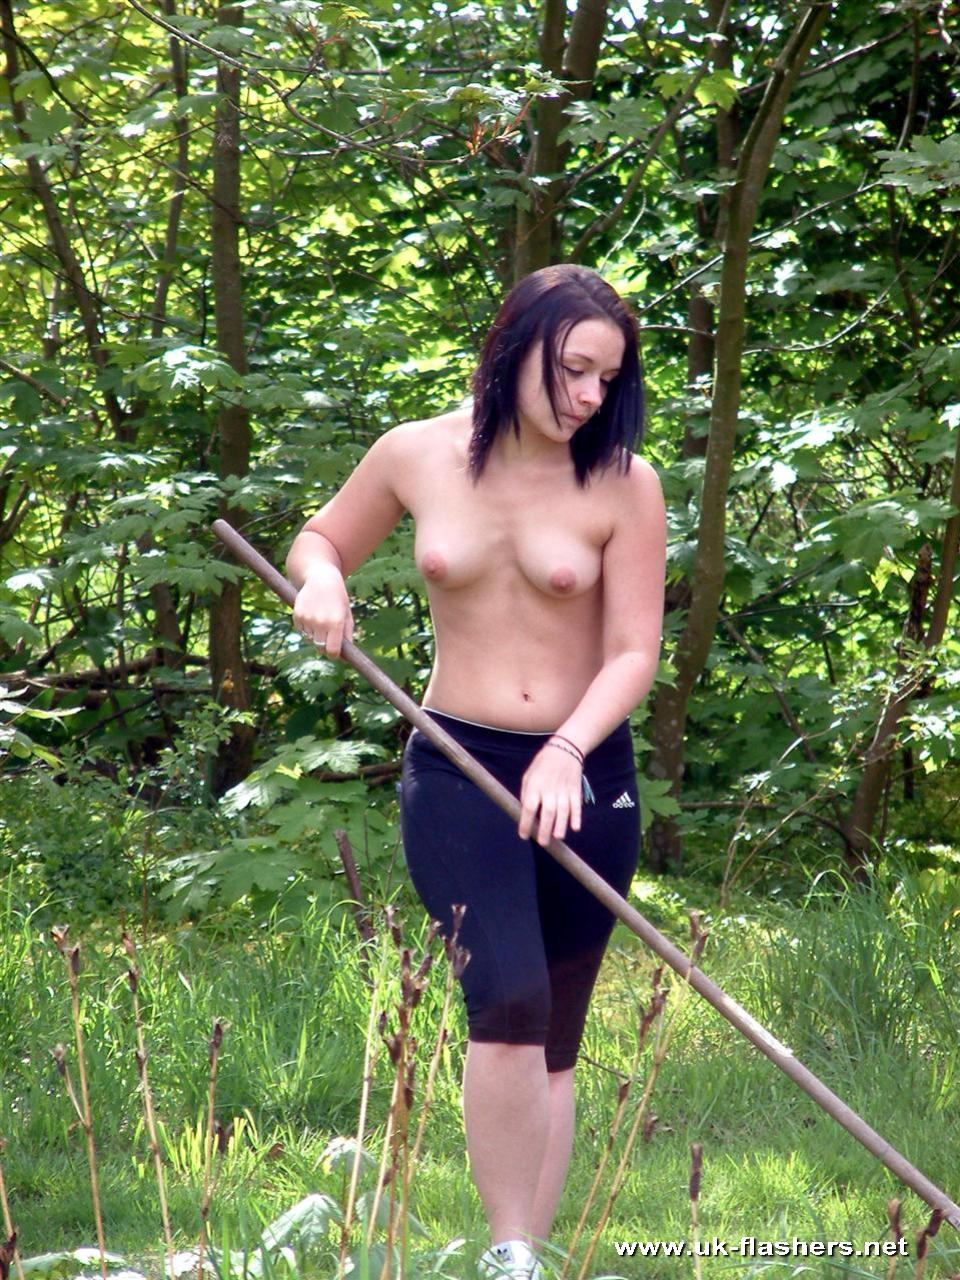 Nude Teens In Garden Pictures 44